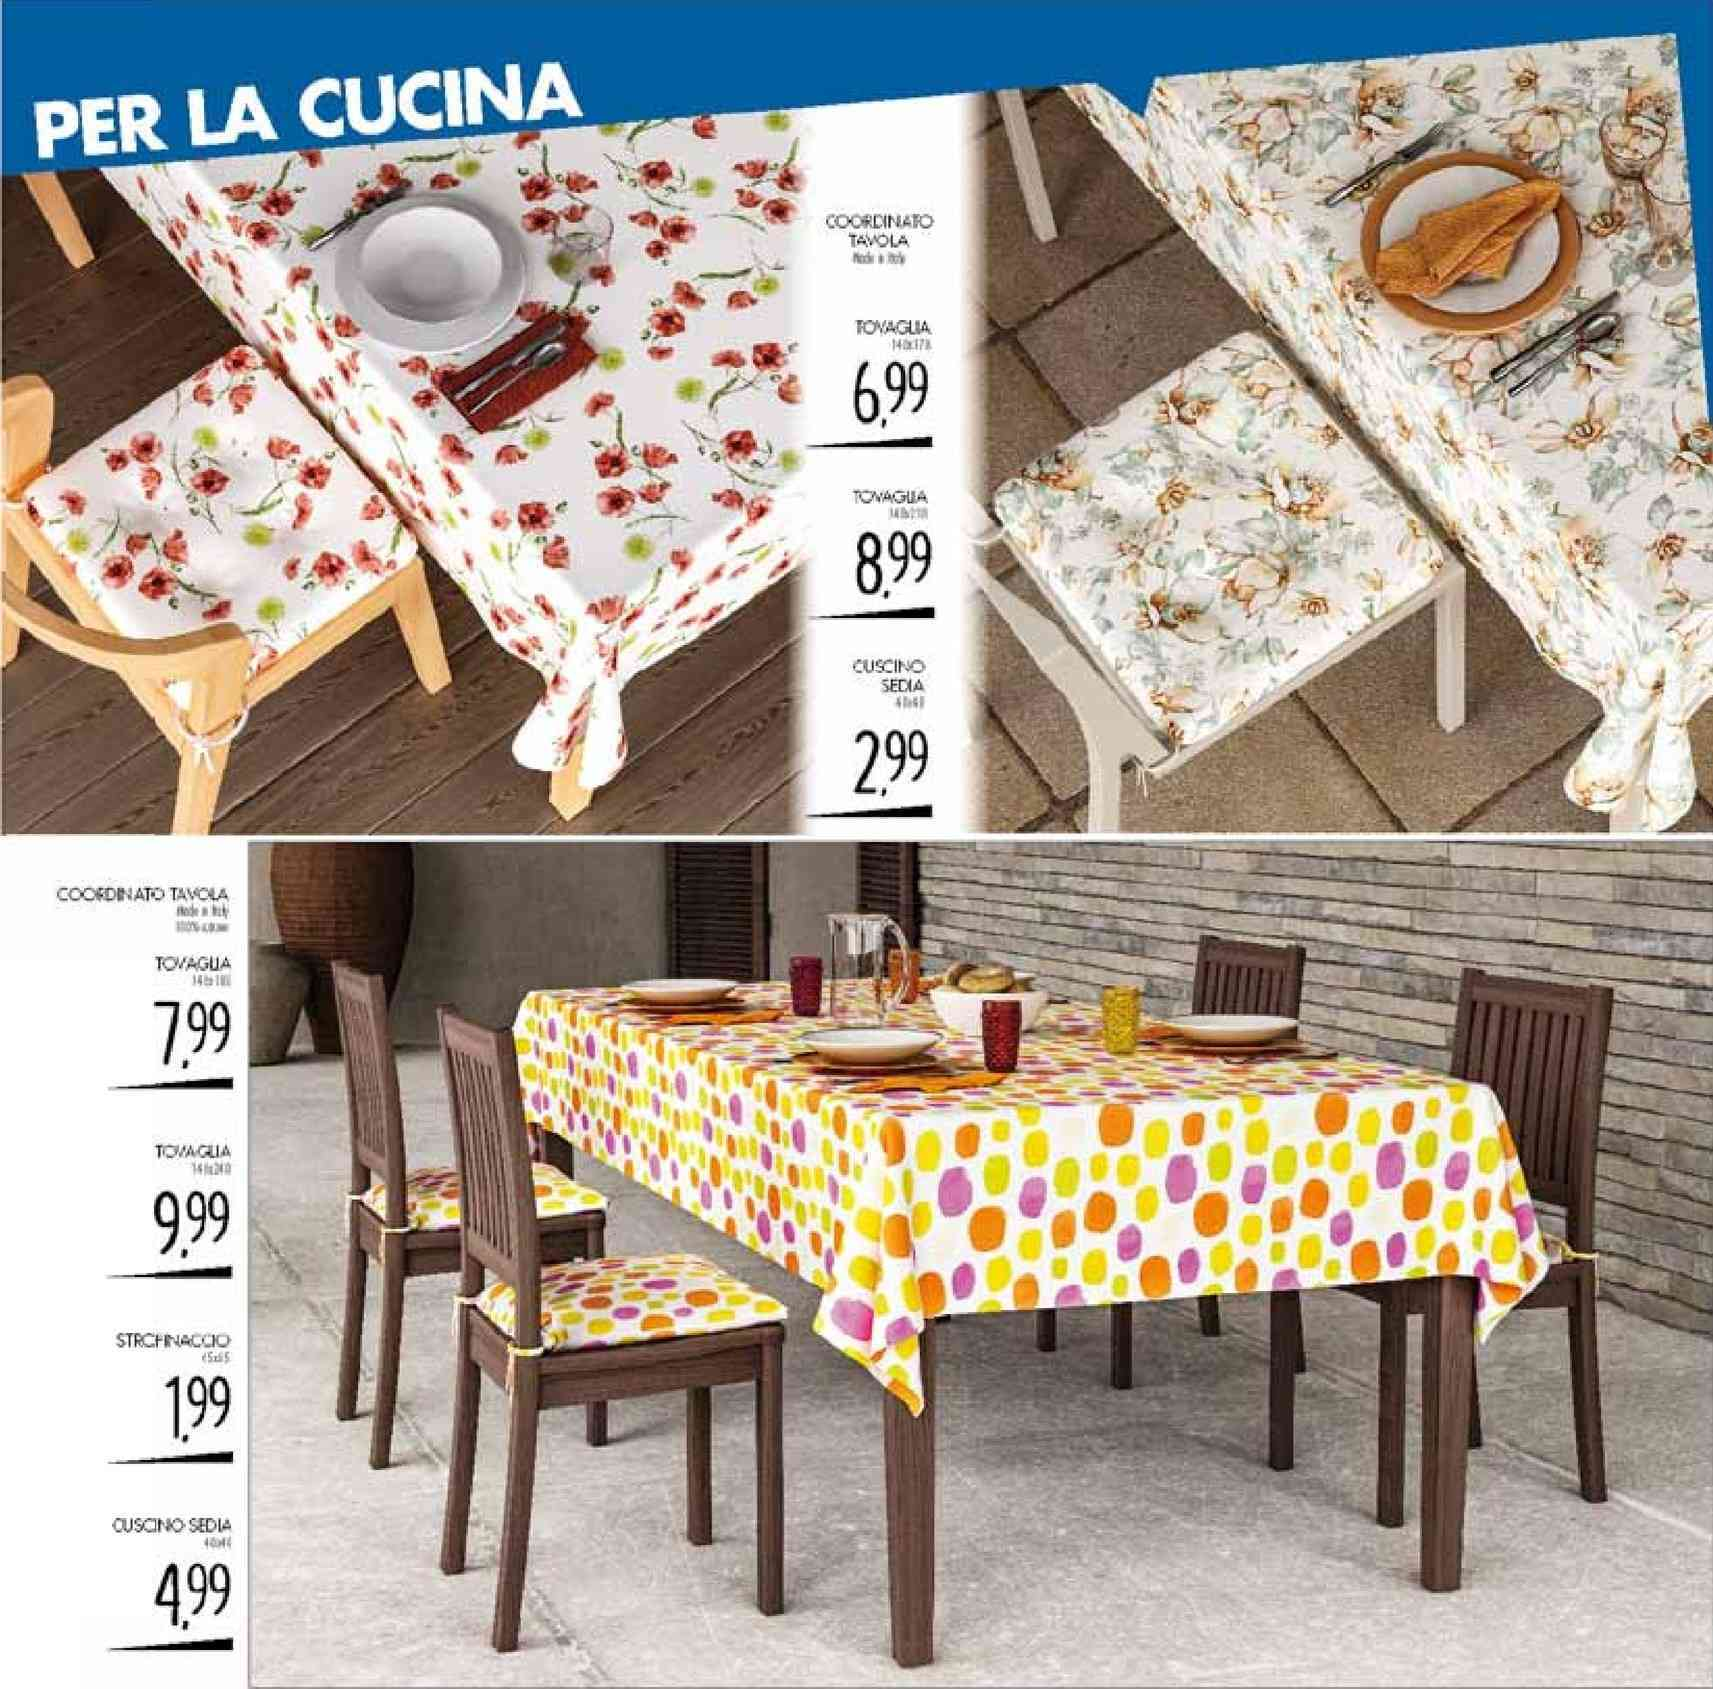 Offerte Tavolo cucina, negozi per arredare casa PromoQui